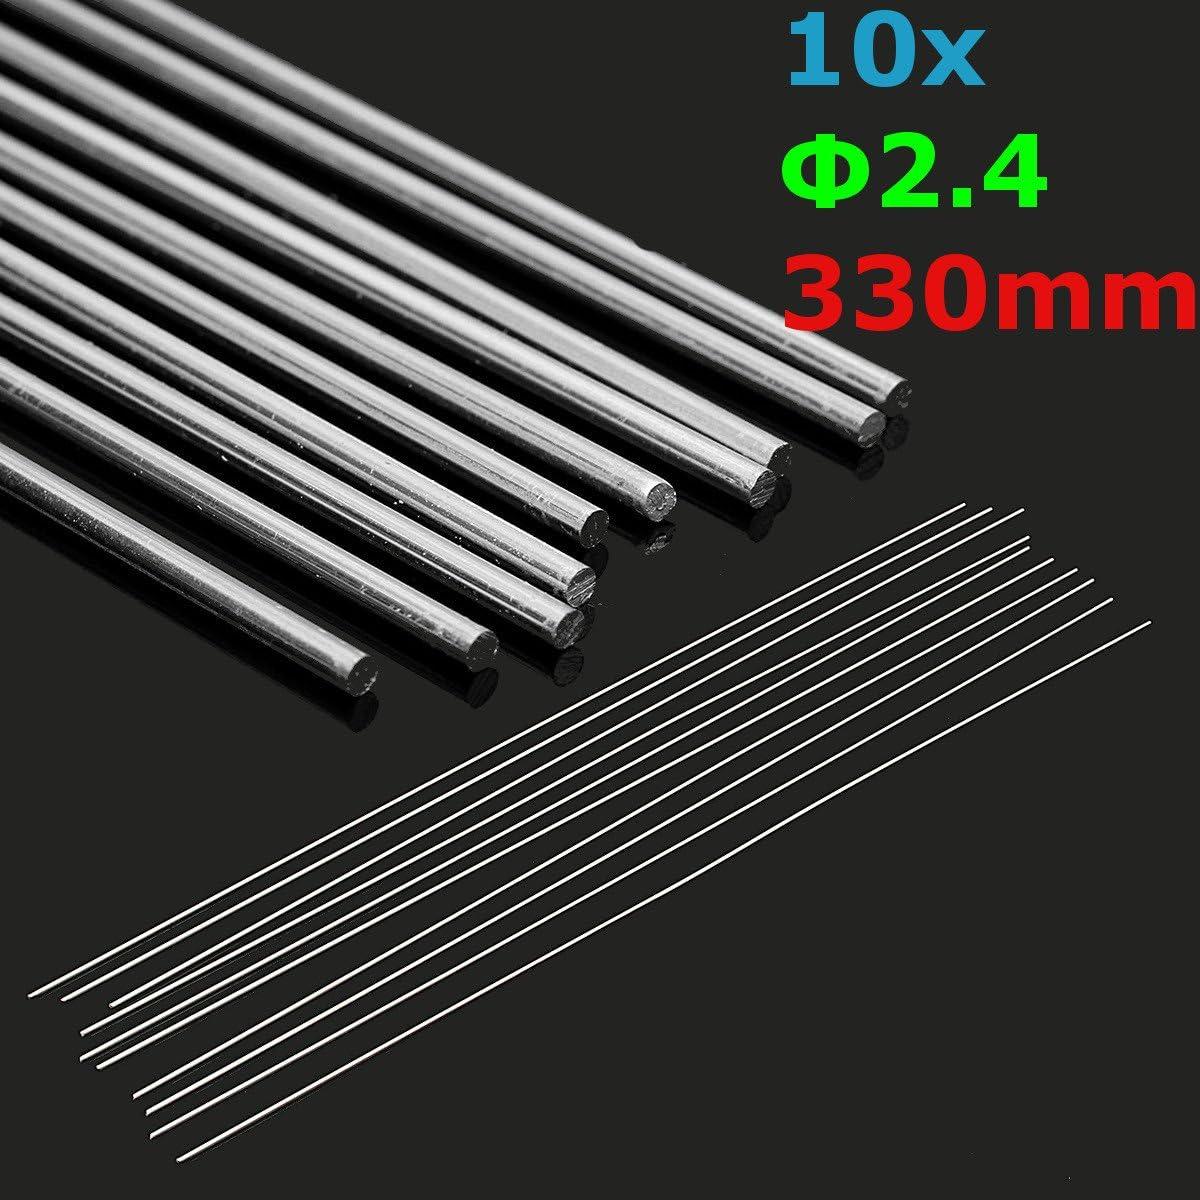 MASUNN 10Pcs 2.4 Mmx330Mm Aluminio Aleación Plata TIG Relle